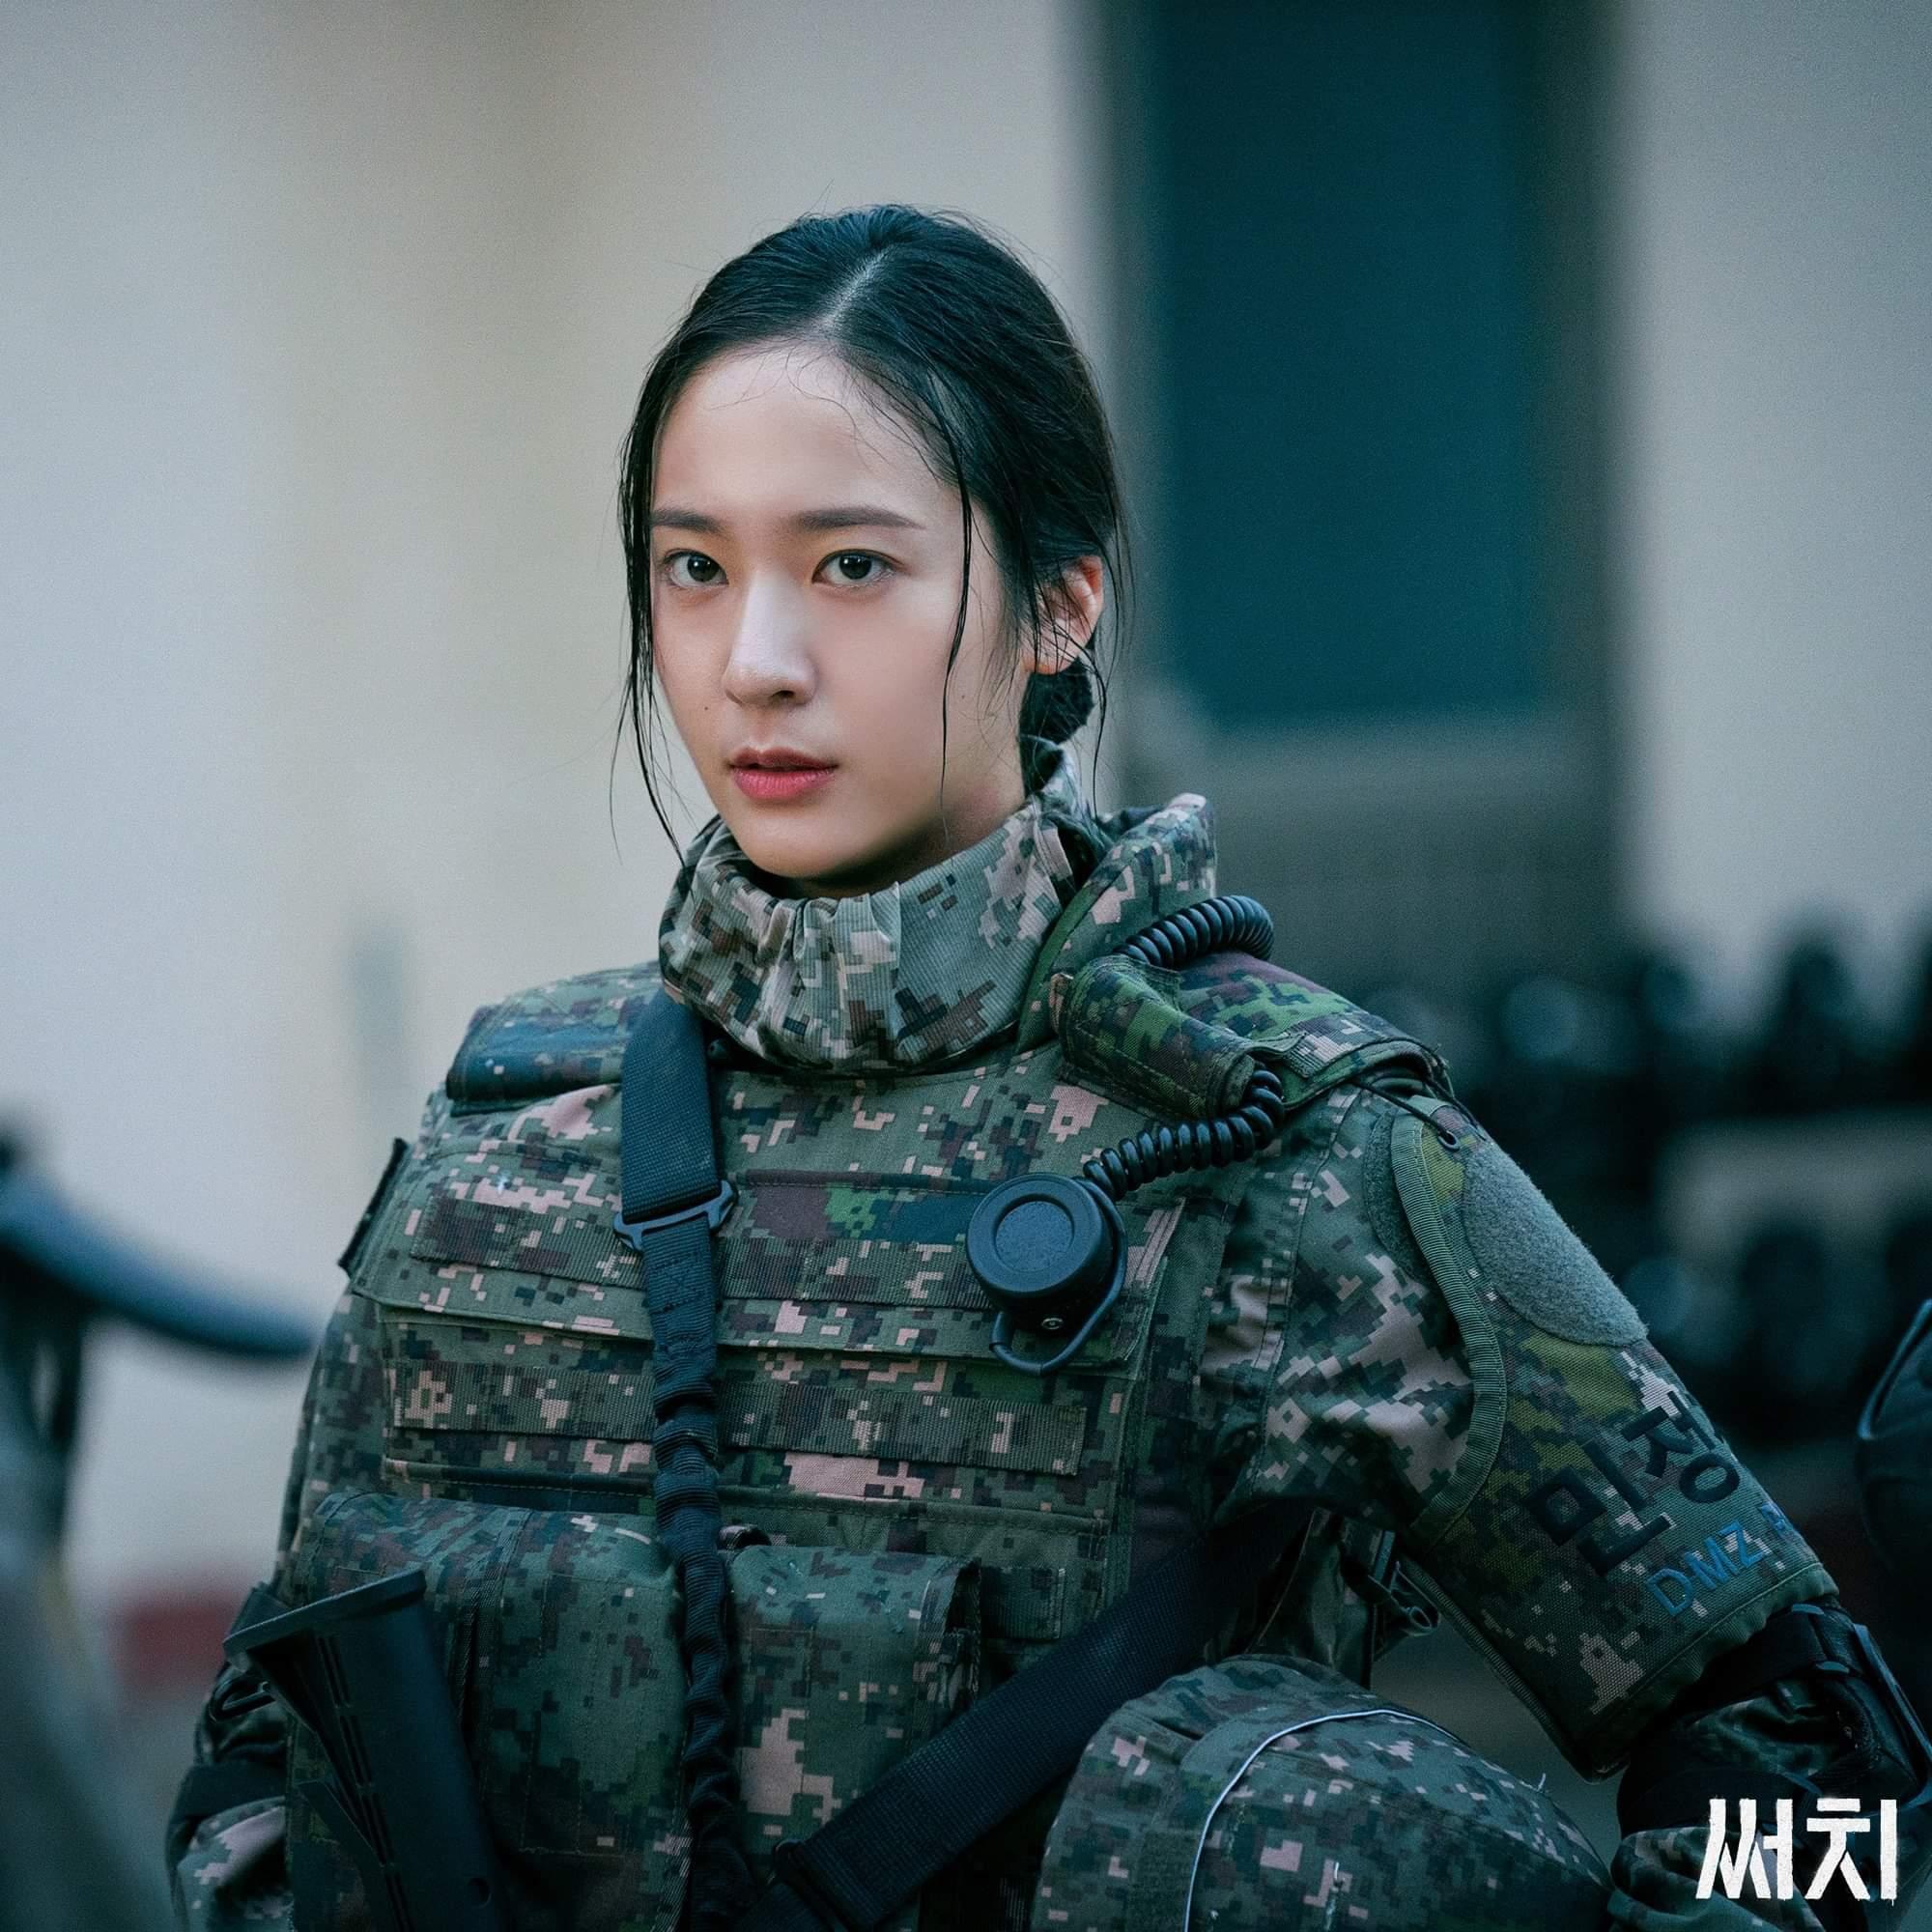 这些剧情太智障,这部豆瓣7.7分的韩剧是在黑韩国军人吧?插图1